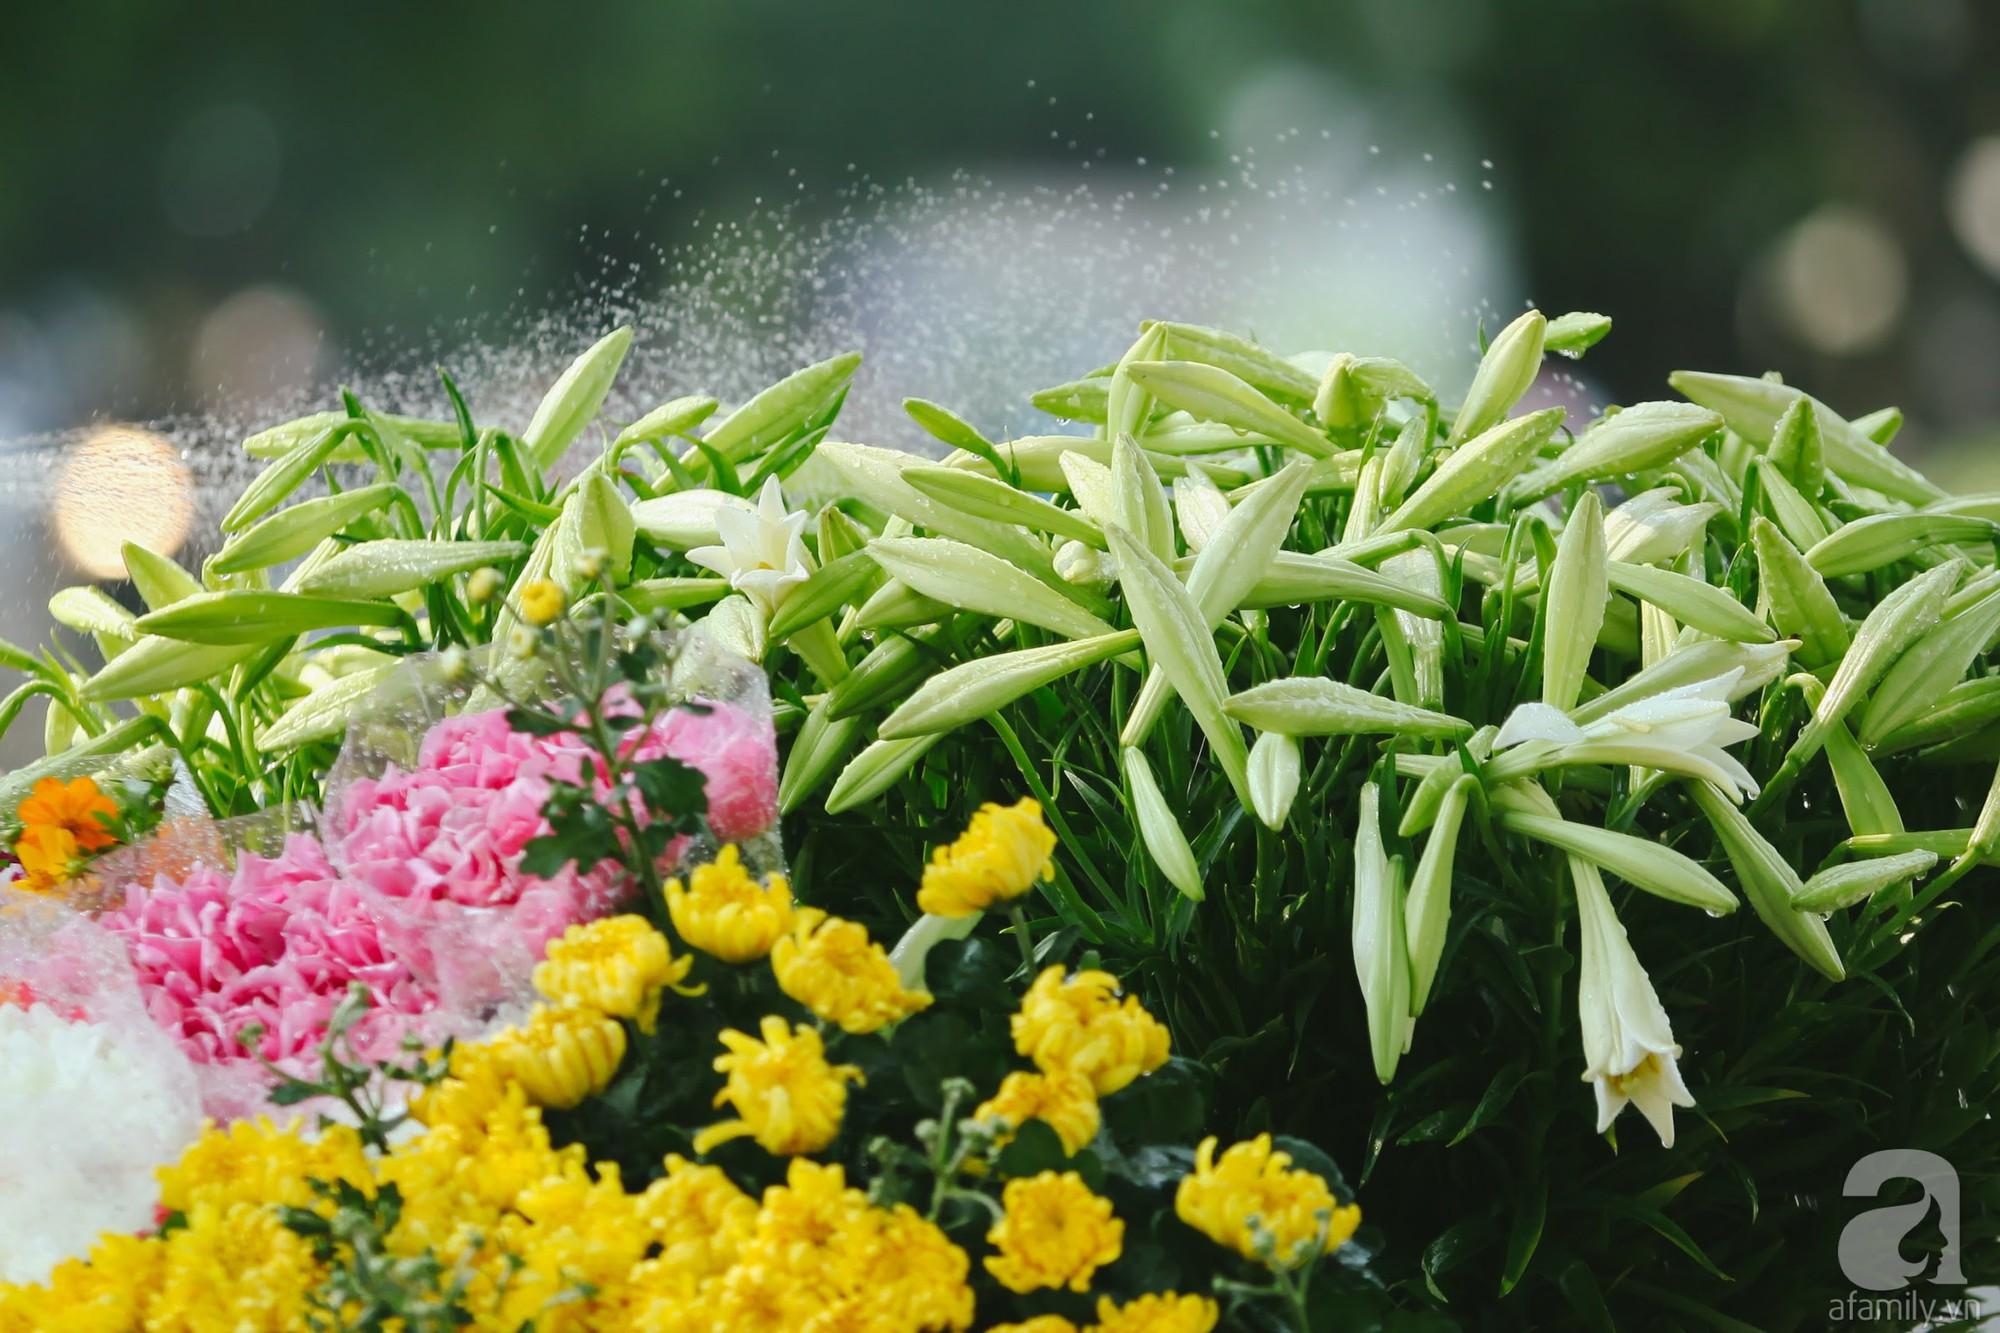 Đầu mùa, hoa loa kèn xuống phố với giá rẻ bất ngờ, là cơ hội để chị em mua số lượng nhiều về nhà chưng chơi - Ảnh 3.